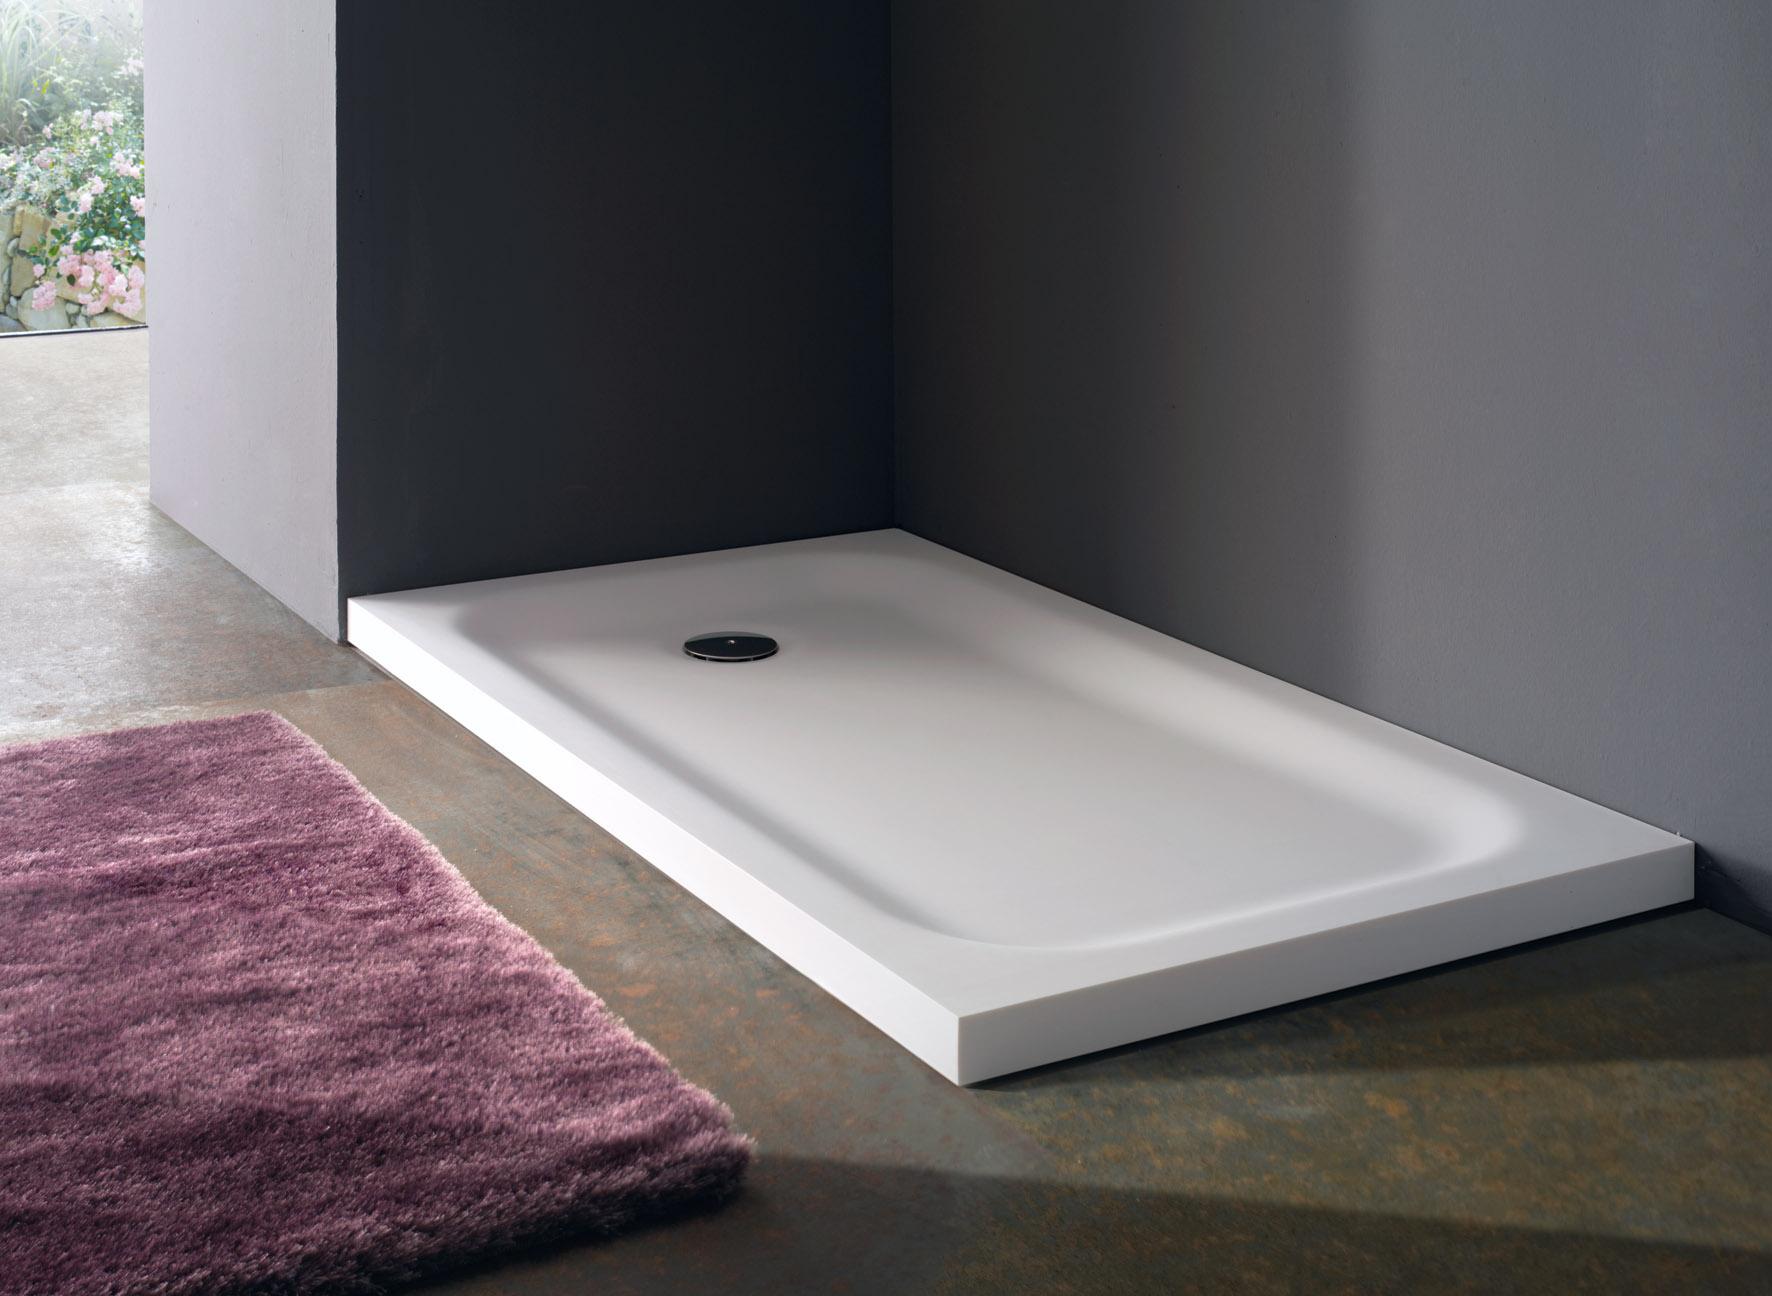 Piatto Doccia Prezzi Ideal Standard.Casa Moderna Roma Italy Piatto Doccia 80 X 90 Ideal Standard